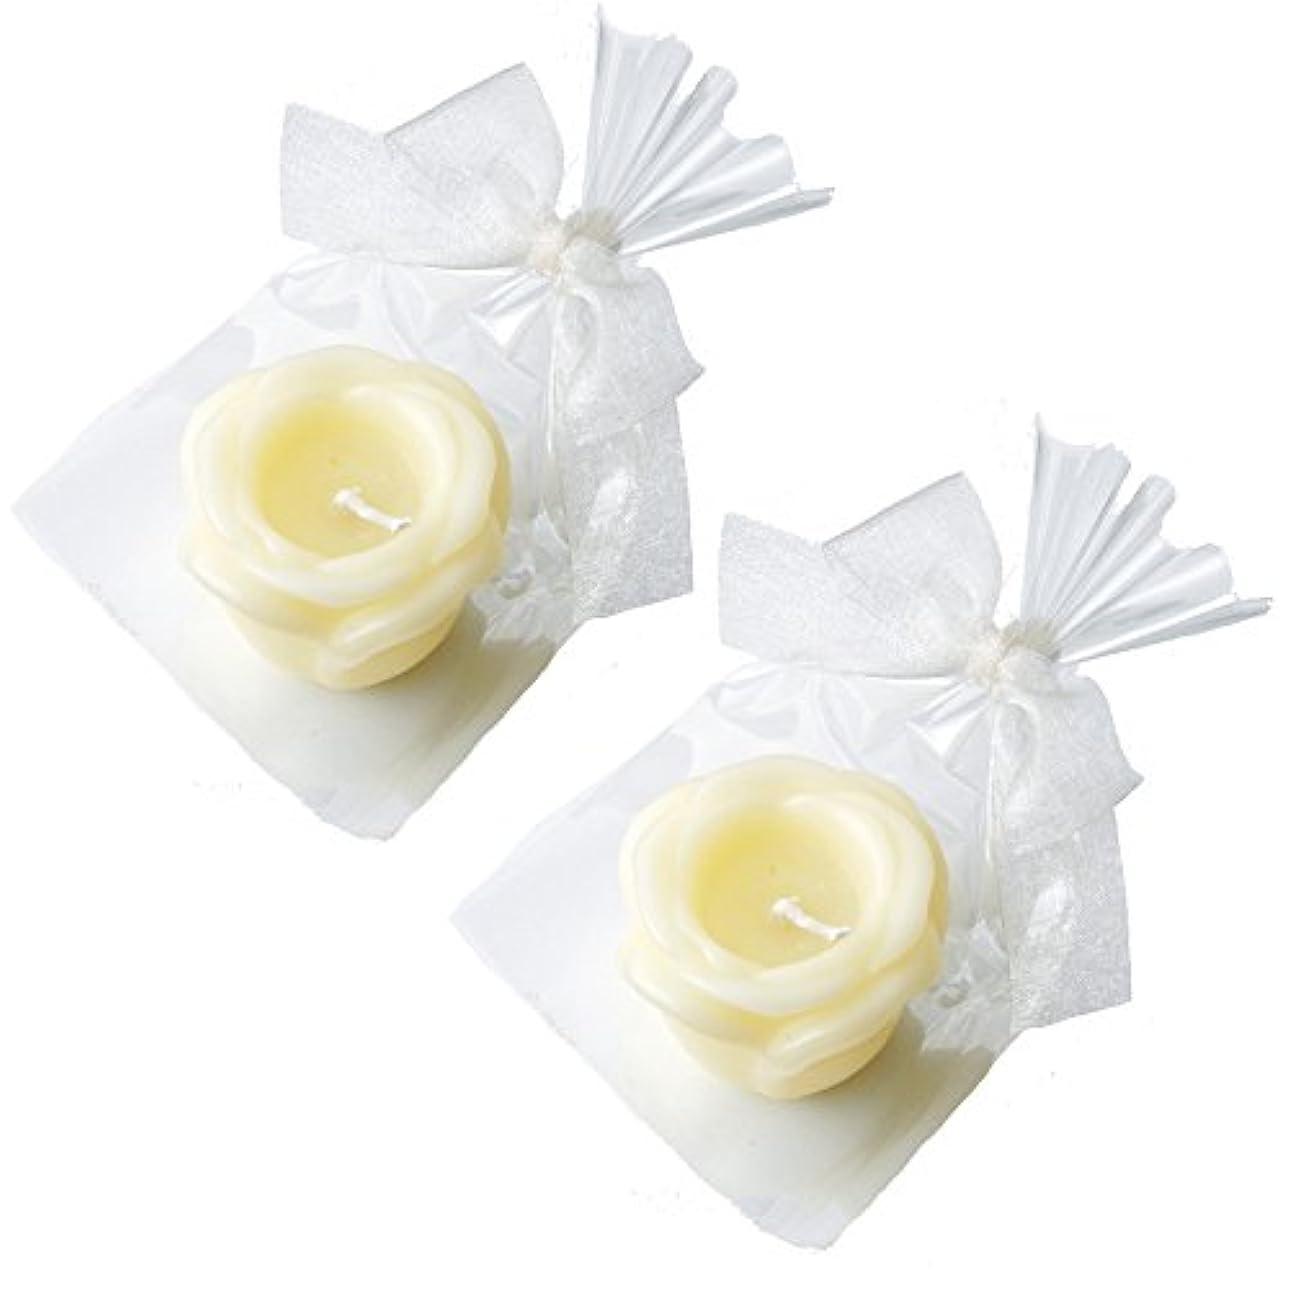 カメヤマキャンドルハウス プチラビアンローズキャンドル 1個入 ローズの香り アイボリー ×2個セット